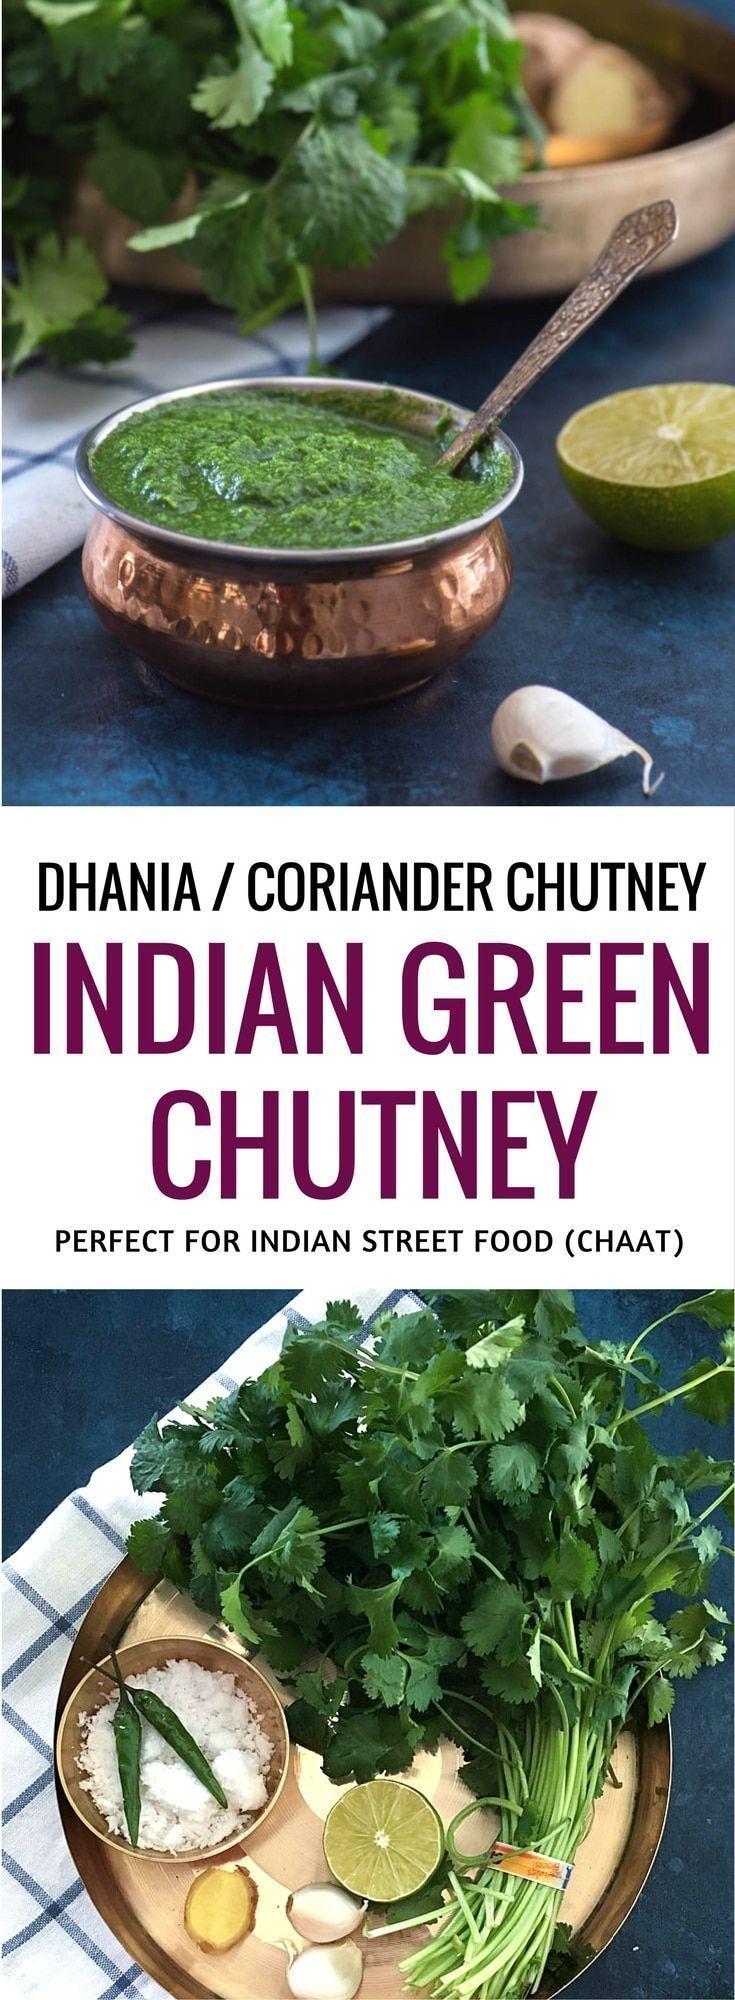 Recette de chutney vert pour Indian Street Food (Chaat) - Apprenez à ...